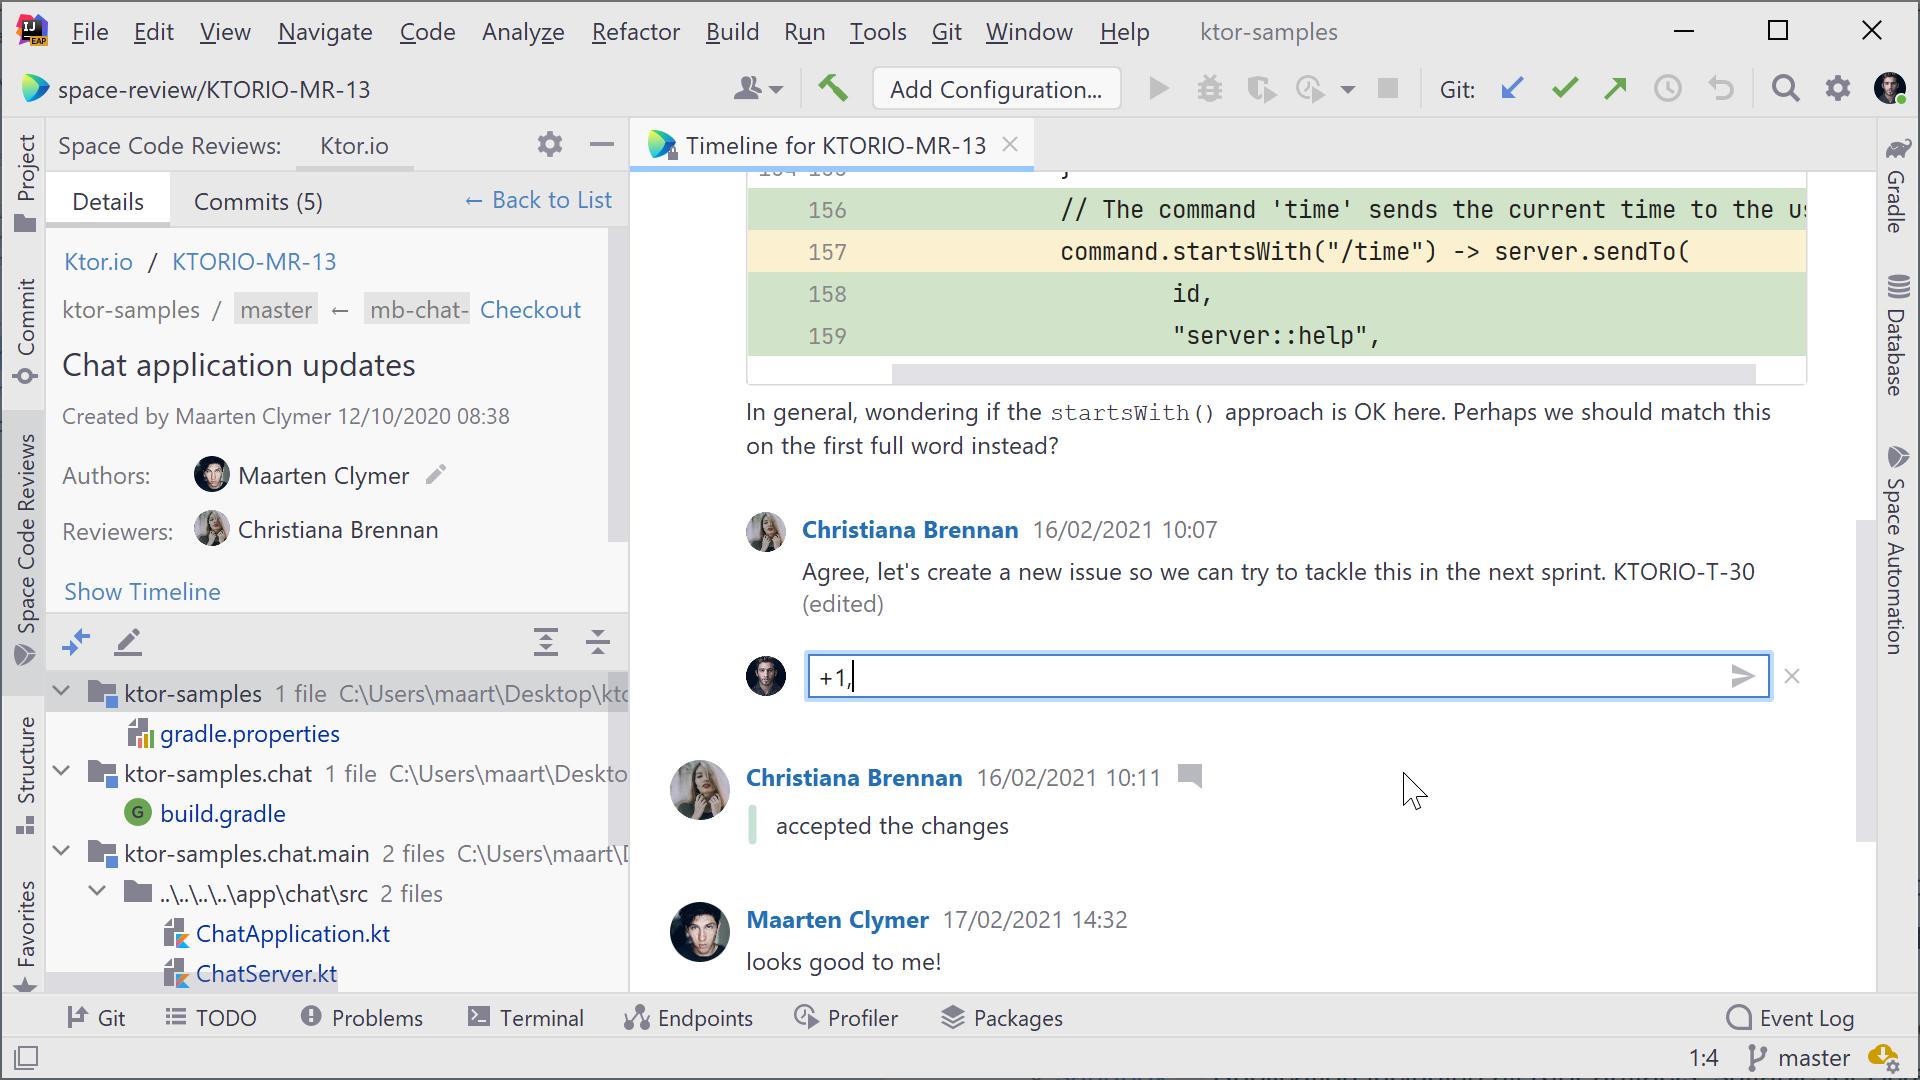 Répondre aux commentaires et aux fils de discussion dans une révision de code